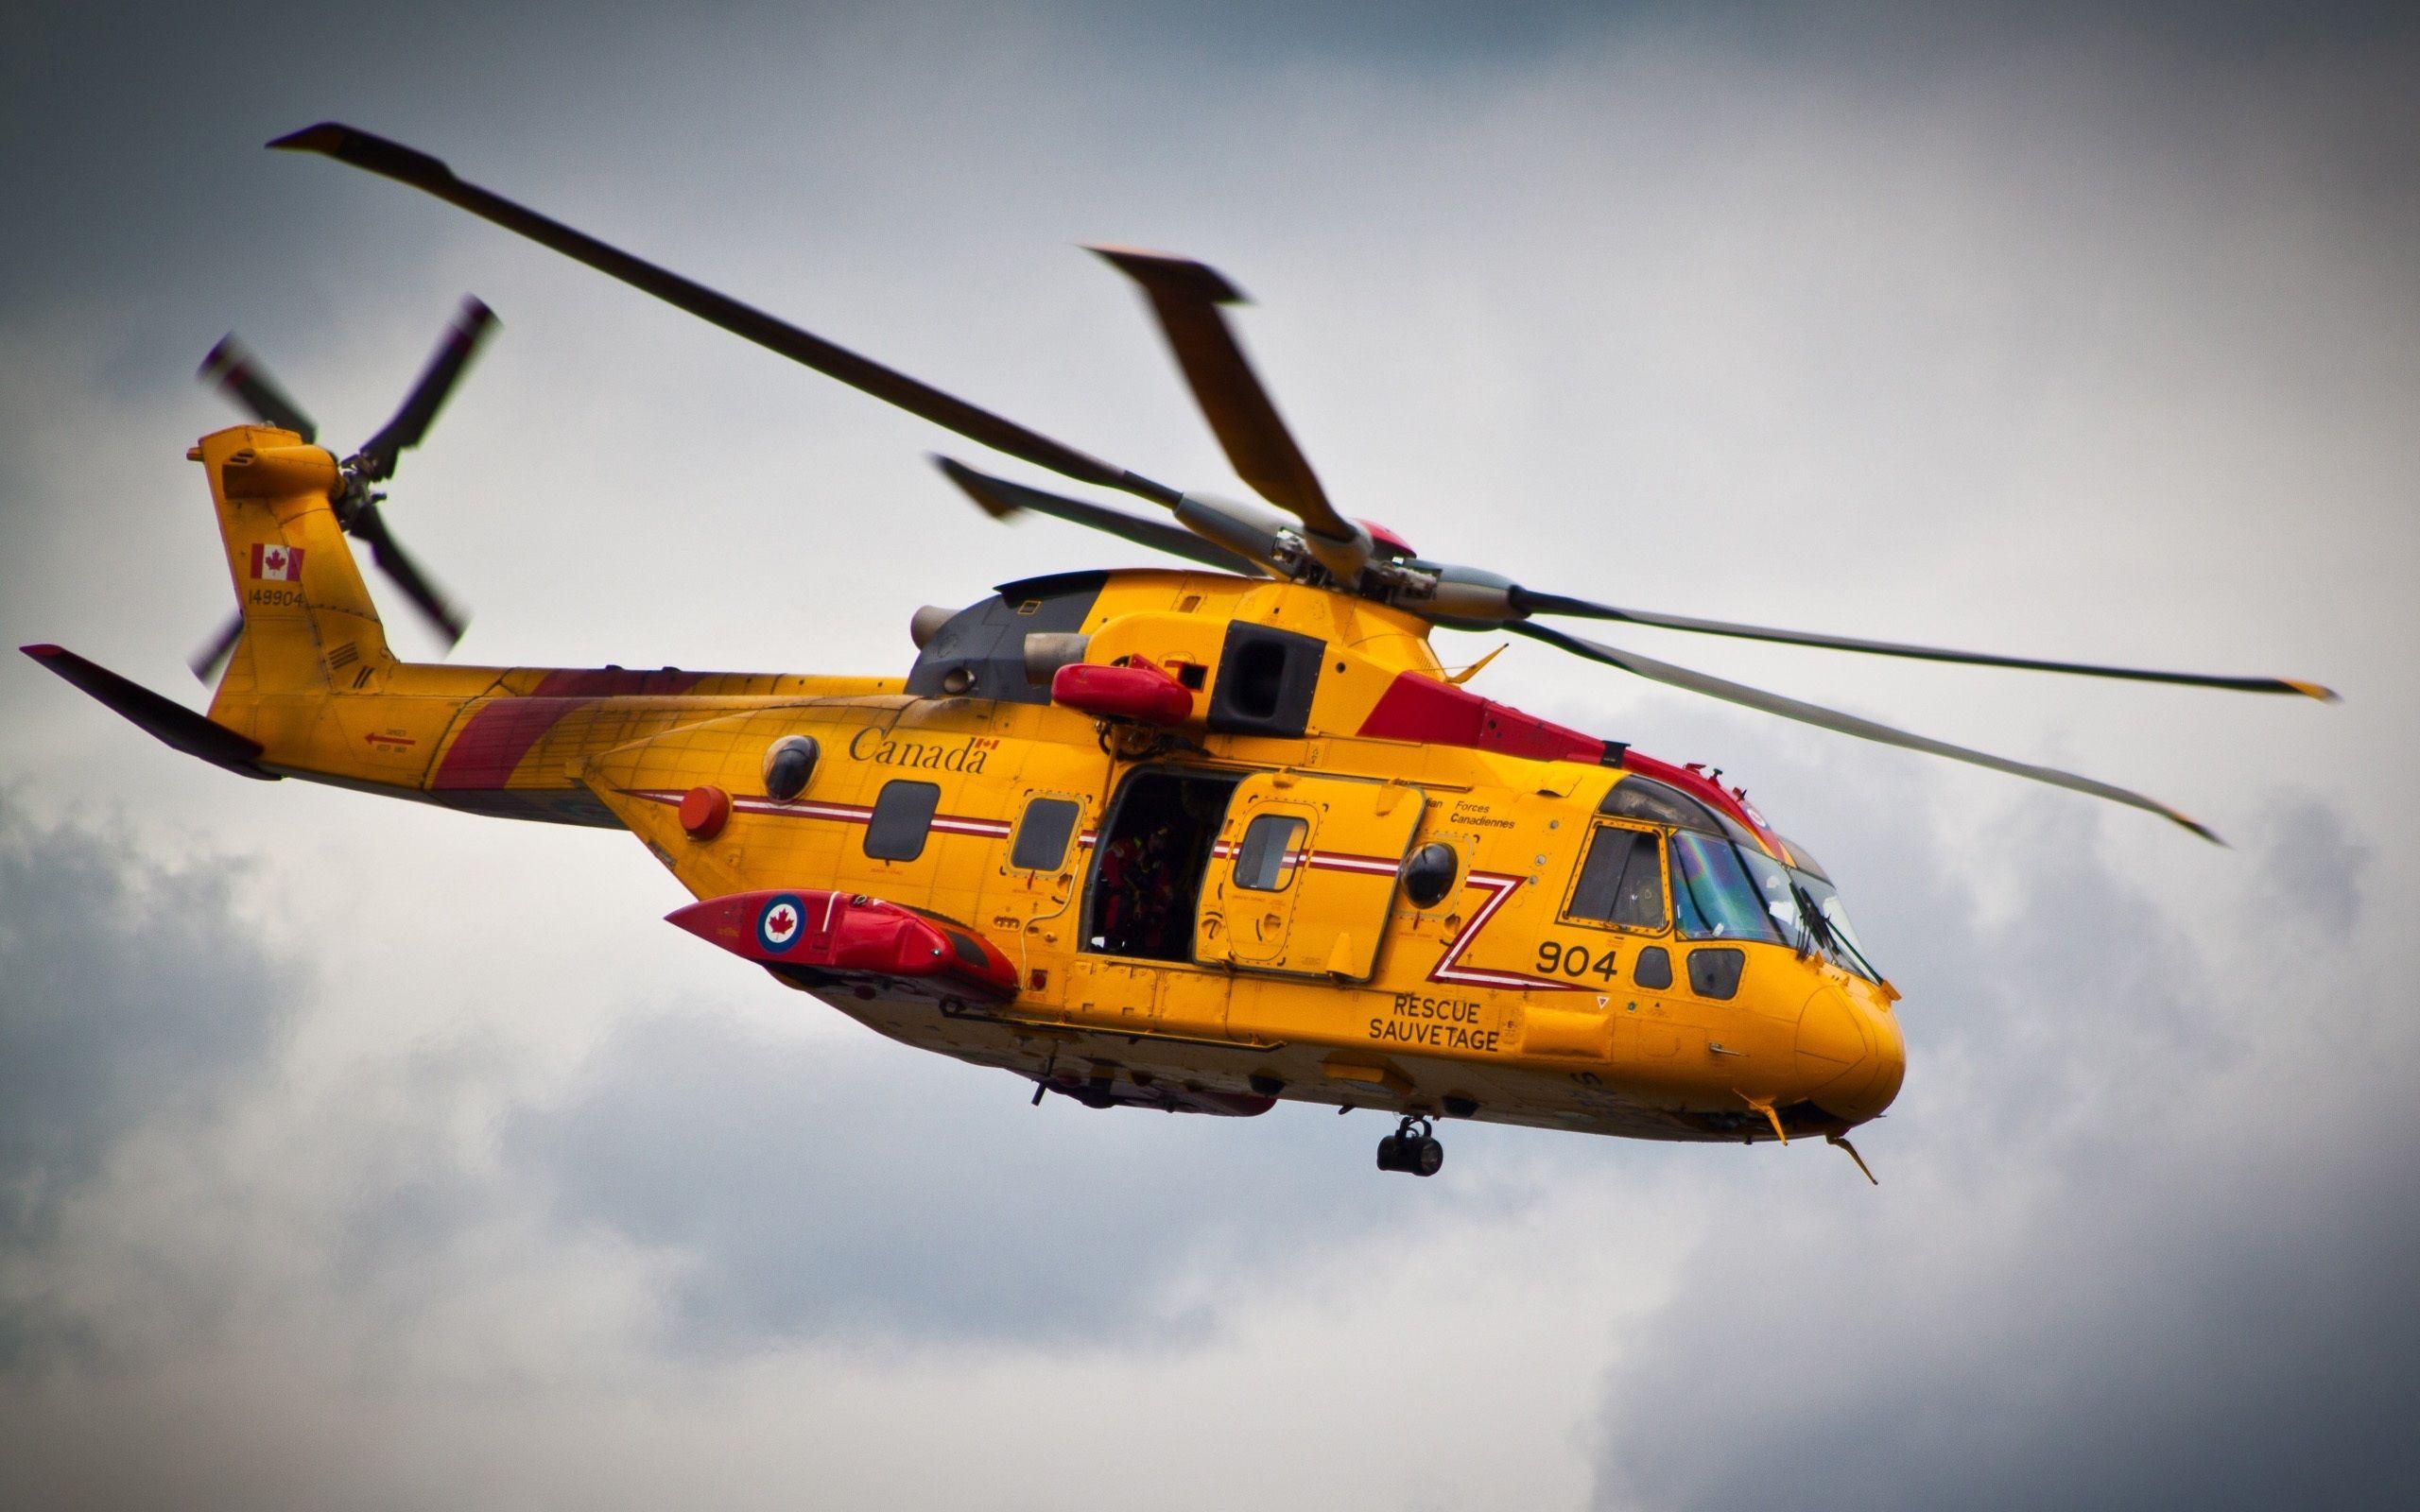 Amarillo helicóptero de rescate vuelo Canadá   Vehículos ...